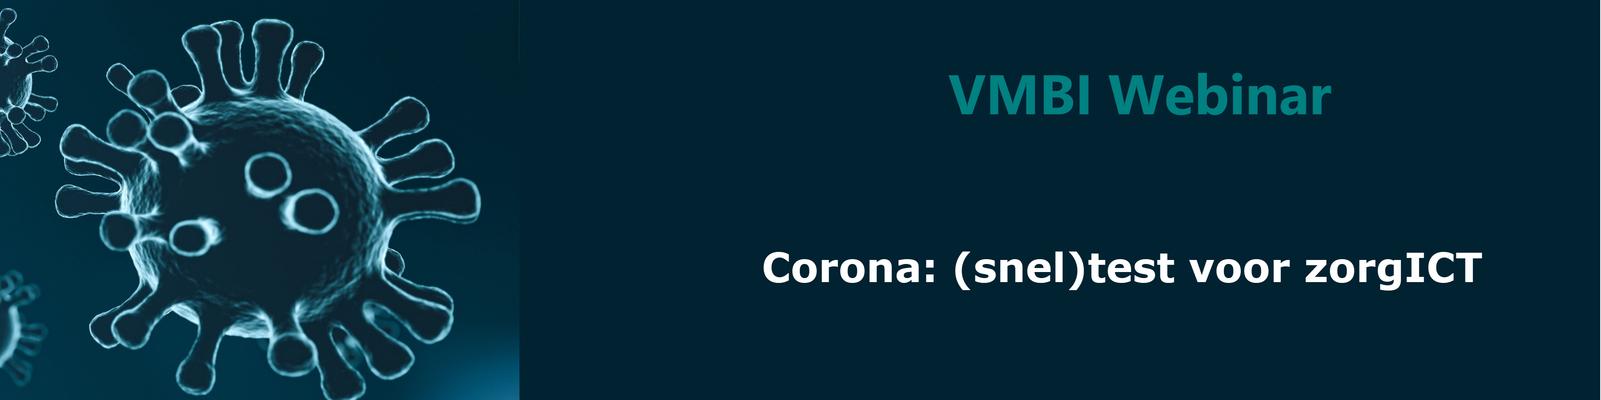 VMBI Webinar | Corona: (snel)test voor zorgICT